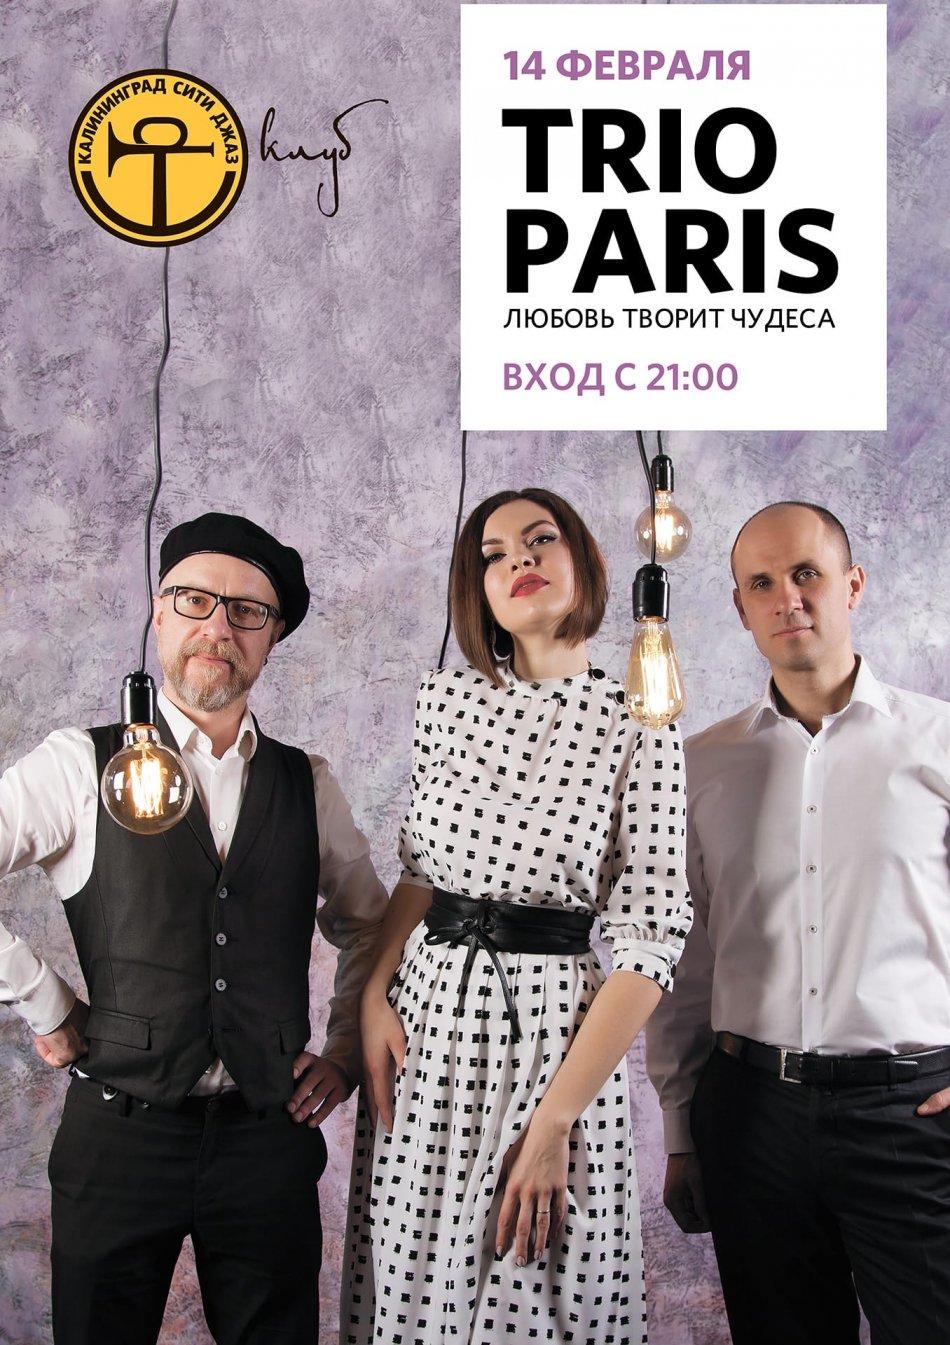 Trio Paris — Любовь творит чудеса!